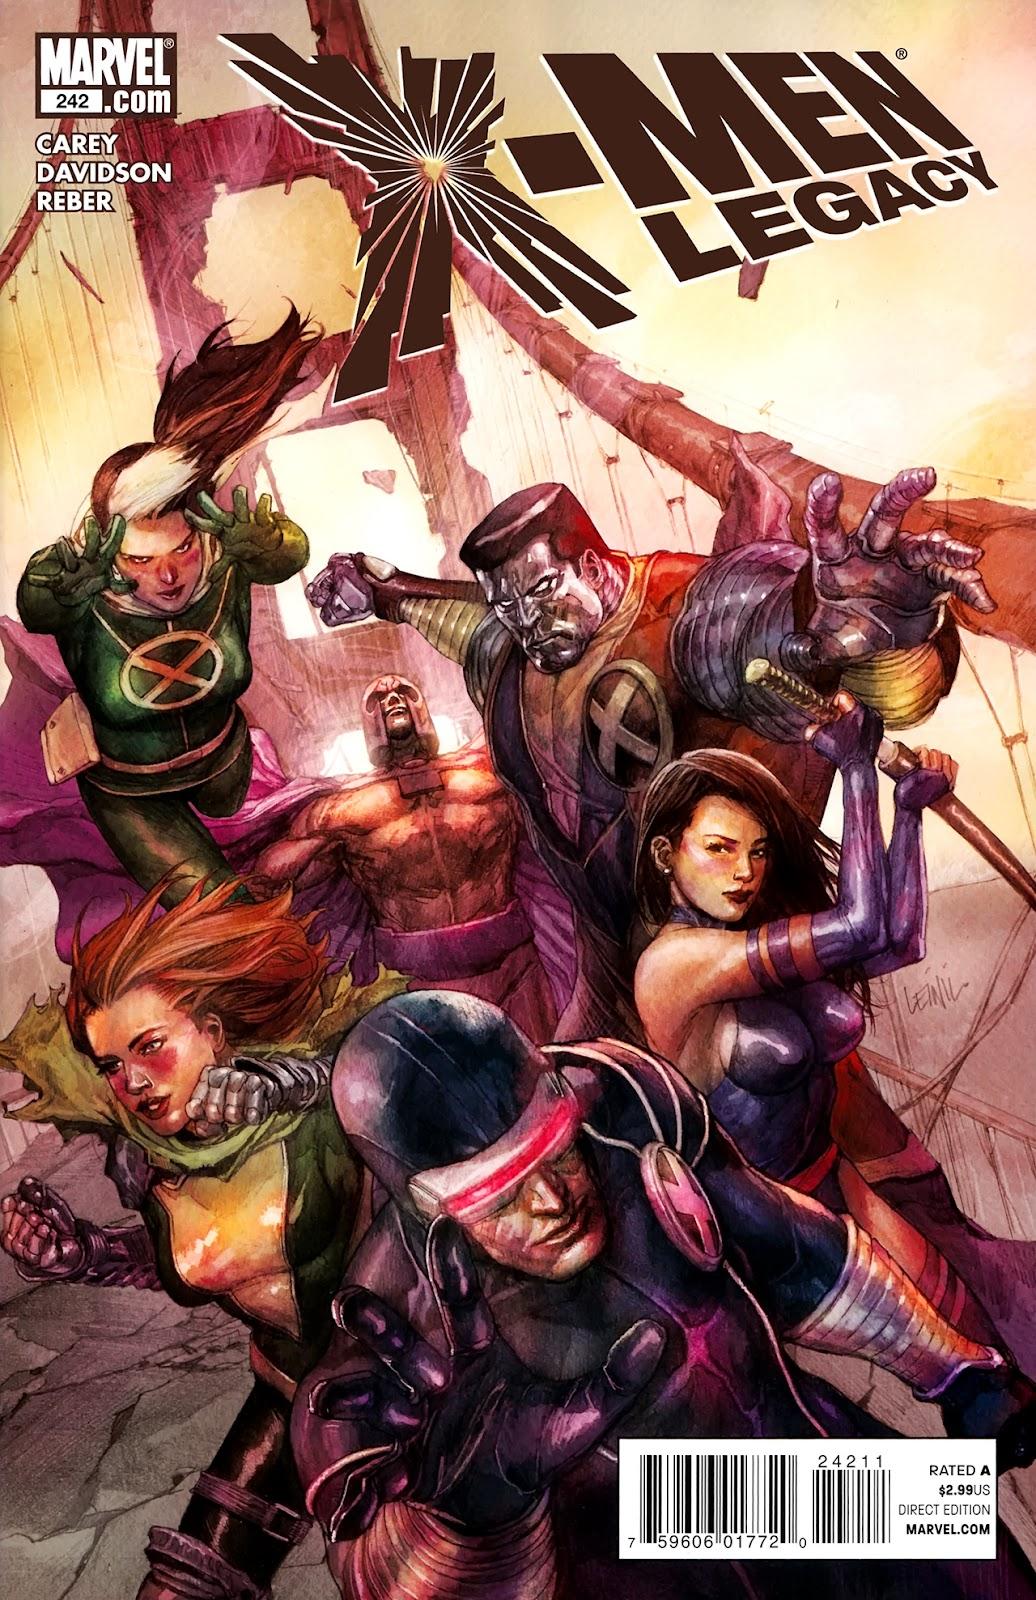 X-Men Legacy (2008) 242 Page 1